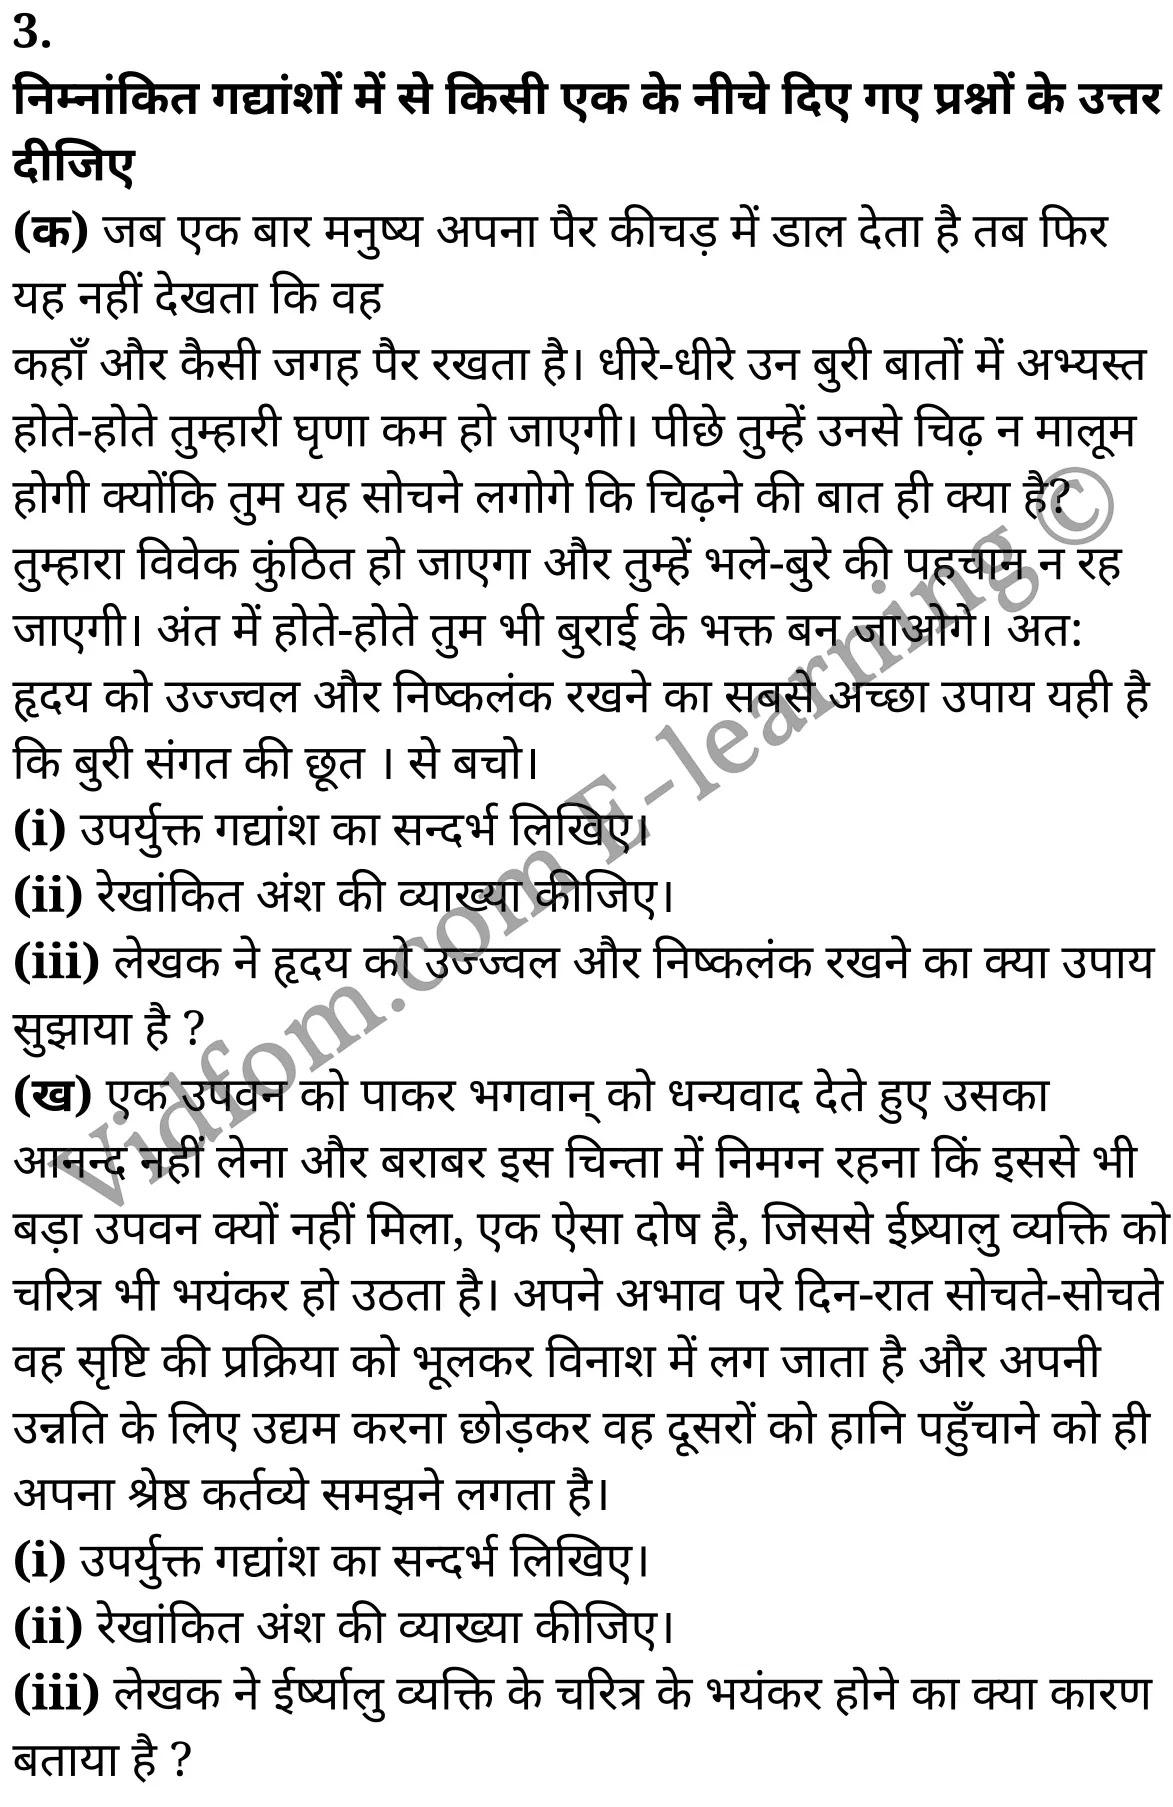 कक्षा 10 हिंदी  के नोट्स  हिंदी में एनसीईआरटी समाधान,     class 10 Hindi khand kaavya Chapter 9,   class 10 Hindi khand kaavya Chapter 9 ncert solutions in Hindi,   class 10 Hindi khand kaavya Chapter 9 notes in hindi,   class 10 Hindi khand kaavya Chapter 9 question answer,   class 10 Hindi khand kaavya Chapter 9 notes,   class 10 Hindi khand kaavya Chapter 9 class 10 Hindi khand kaavya Chapter 9 in  hindi,    class 10 Hindi khand kaavya Chapter 9 important questions in  hindi,   class 10 Hindi khand kaavya Chapter 9 notes in hindi,    class 10 Hindi khand kaavya Chapter 9 test,   class 10 Hindi khand kaavya Chapter 9 pdf,   class 10 Hindi khand kaavya Chapter 9 notes pdf,   class 10 Hindi khand kaavya Chapter 9 exercise solutions,   class 10 Hindi khand kaavya Chapter 9 notes study rankers,   class 10 Hindi khand kaavya Chapter 9 notes,    class 10 Hindi khand kaavya Chapter 9  class 10  notes pdf,   class 10 Hindi khand kaavya Chapter 9 class 10  notes  ncert,   class 10 Hindi khand kaavya Chapter 9 class 10 pdf,   class 10 Hindi khand kaavya Chapter 9  book,   class 10 Hindi khand kaavya Chapter 9 quiz class 10  ,   कक्षा 10 ज्योति-जवाहर,  कक्षा 10 ज्योति-जवाहर  के नोट्स हिंदी में,  कक्षा 10 ज्योति-जवाहर प्रश्न उत्तर,  कक्षा 10 ज्योति-जवाहर के नोट्स,  10 कक्षा ज्योति-जवाहर  हिंदी में, कक्षा 10 ज्योति-जवाहर  हिंदी में,  कक्षा 10 ज्योति-जवाहर  महत्वपूर्ण प्रश्न हिंदी में, कक्षा 10 हिंदी के नोट्स  हिंदी में, ज्योति-जवाहर हिंदी में कक्षा 10 नोट्स pdf,    ज्योति-जवाहर हिंदी में  कक्षा 10 नोट्स 2021 ncert,   ज्योति-जवाहर हिंदी  कक्षा 10 pdf,   ज्योति-जवाहर हिंदी में  पुस्तक,   ज्योति-जवाहर हिंदी में की बुक,   ज्योति-जवाहर हिंदी में  प्रश्नोत्तरी class 10 ,  10   वीं ज्योति-जवाहर  पुस्तक up board,   बिहार बोर्ड 10  पुस्तक वीं ज्योति-जवाहर नोट्स,    ज्योति-जवाहर  कक्षा 10 नोट्स 2021 ncert,   ज्योति-जवाहर  कक्षा 10 pdf,   ज्योति-जवाहर  पुस्तक,   ज्योति-जवाहर की बुक,   ज्योति-जवाहर प्रश्नोत्तरी class 10,   10  th class 10 Hindi khand kaavya Chapter 9  book up board,   up 